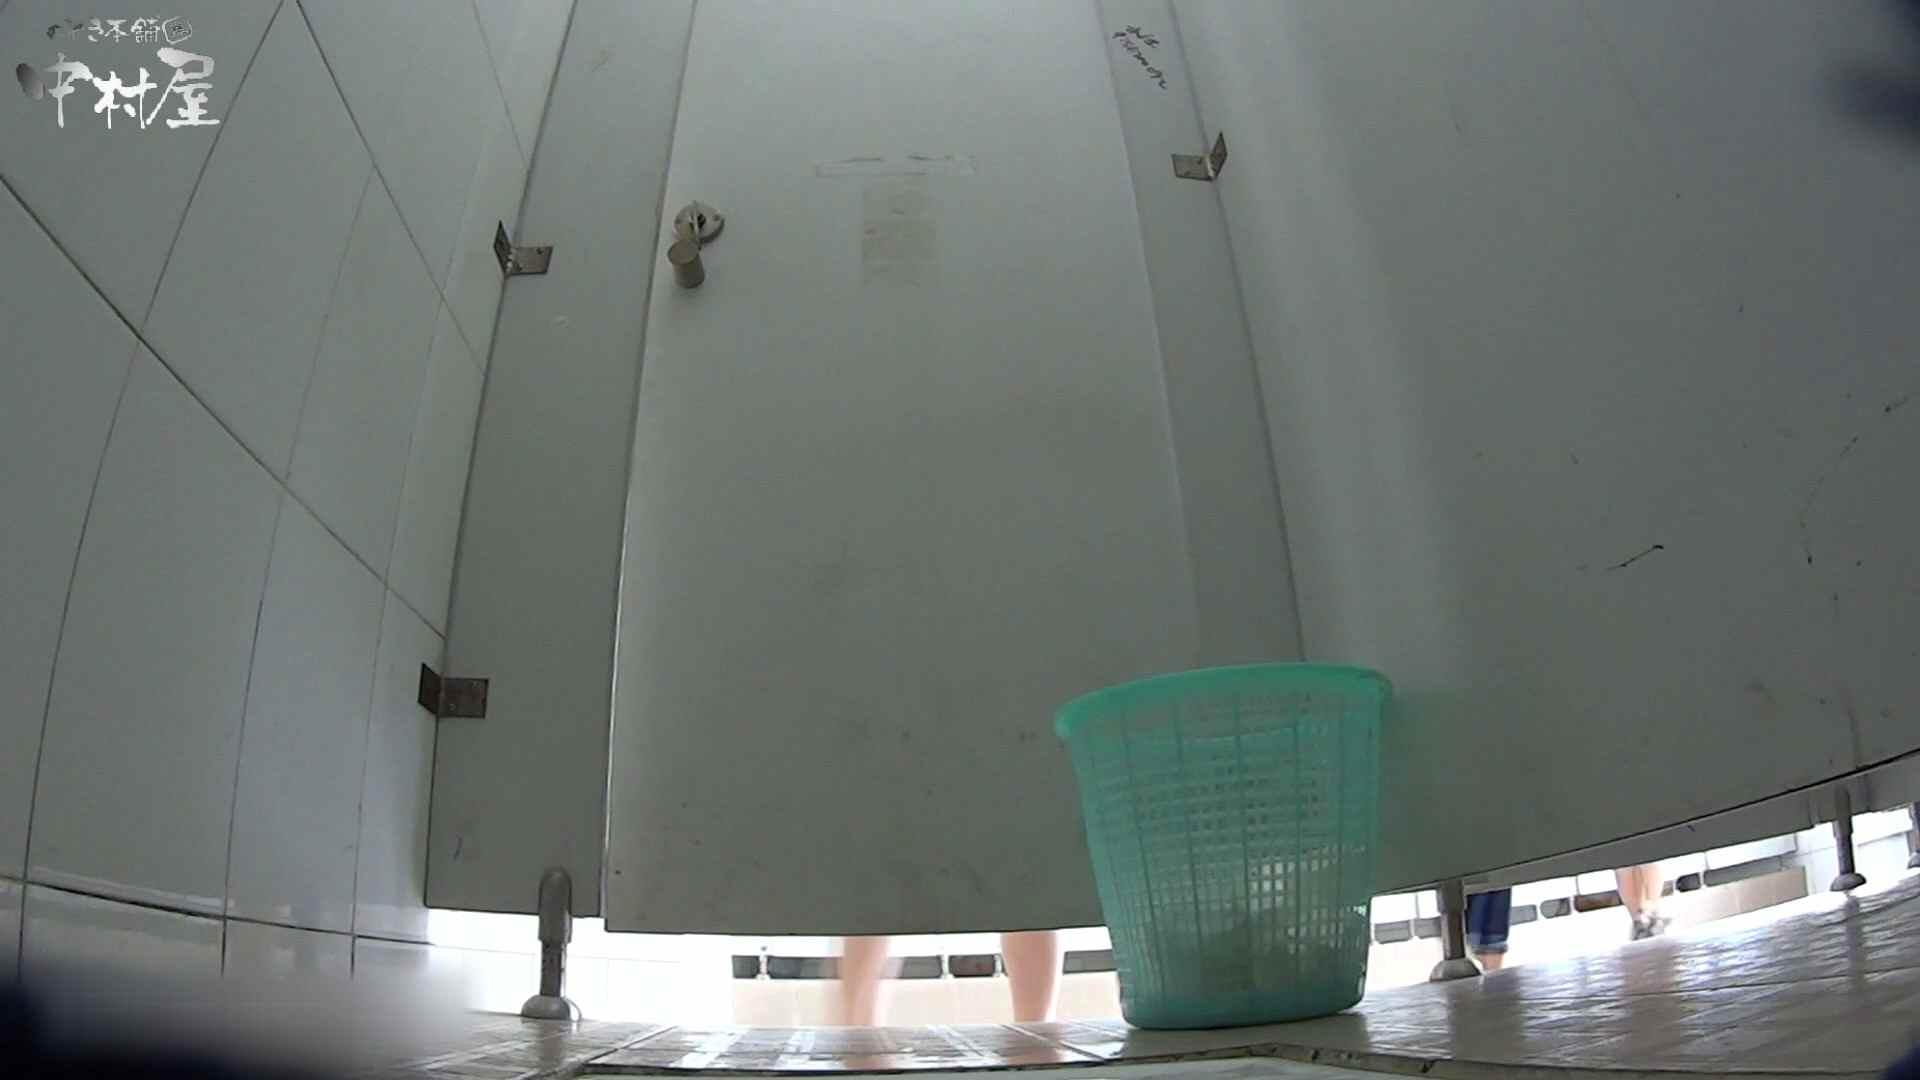 美しい女良たちのトイレ事情 有名大学休憩時間の洗面所事情06 高画質 | 美女  92pic 34